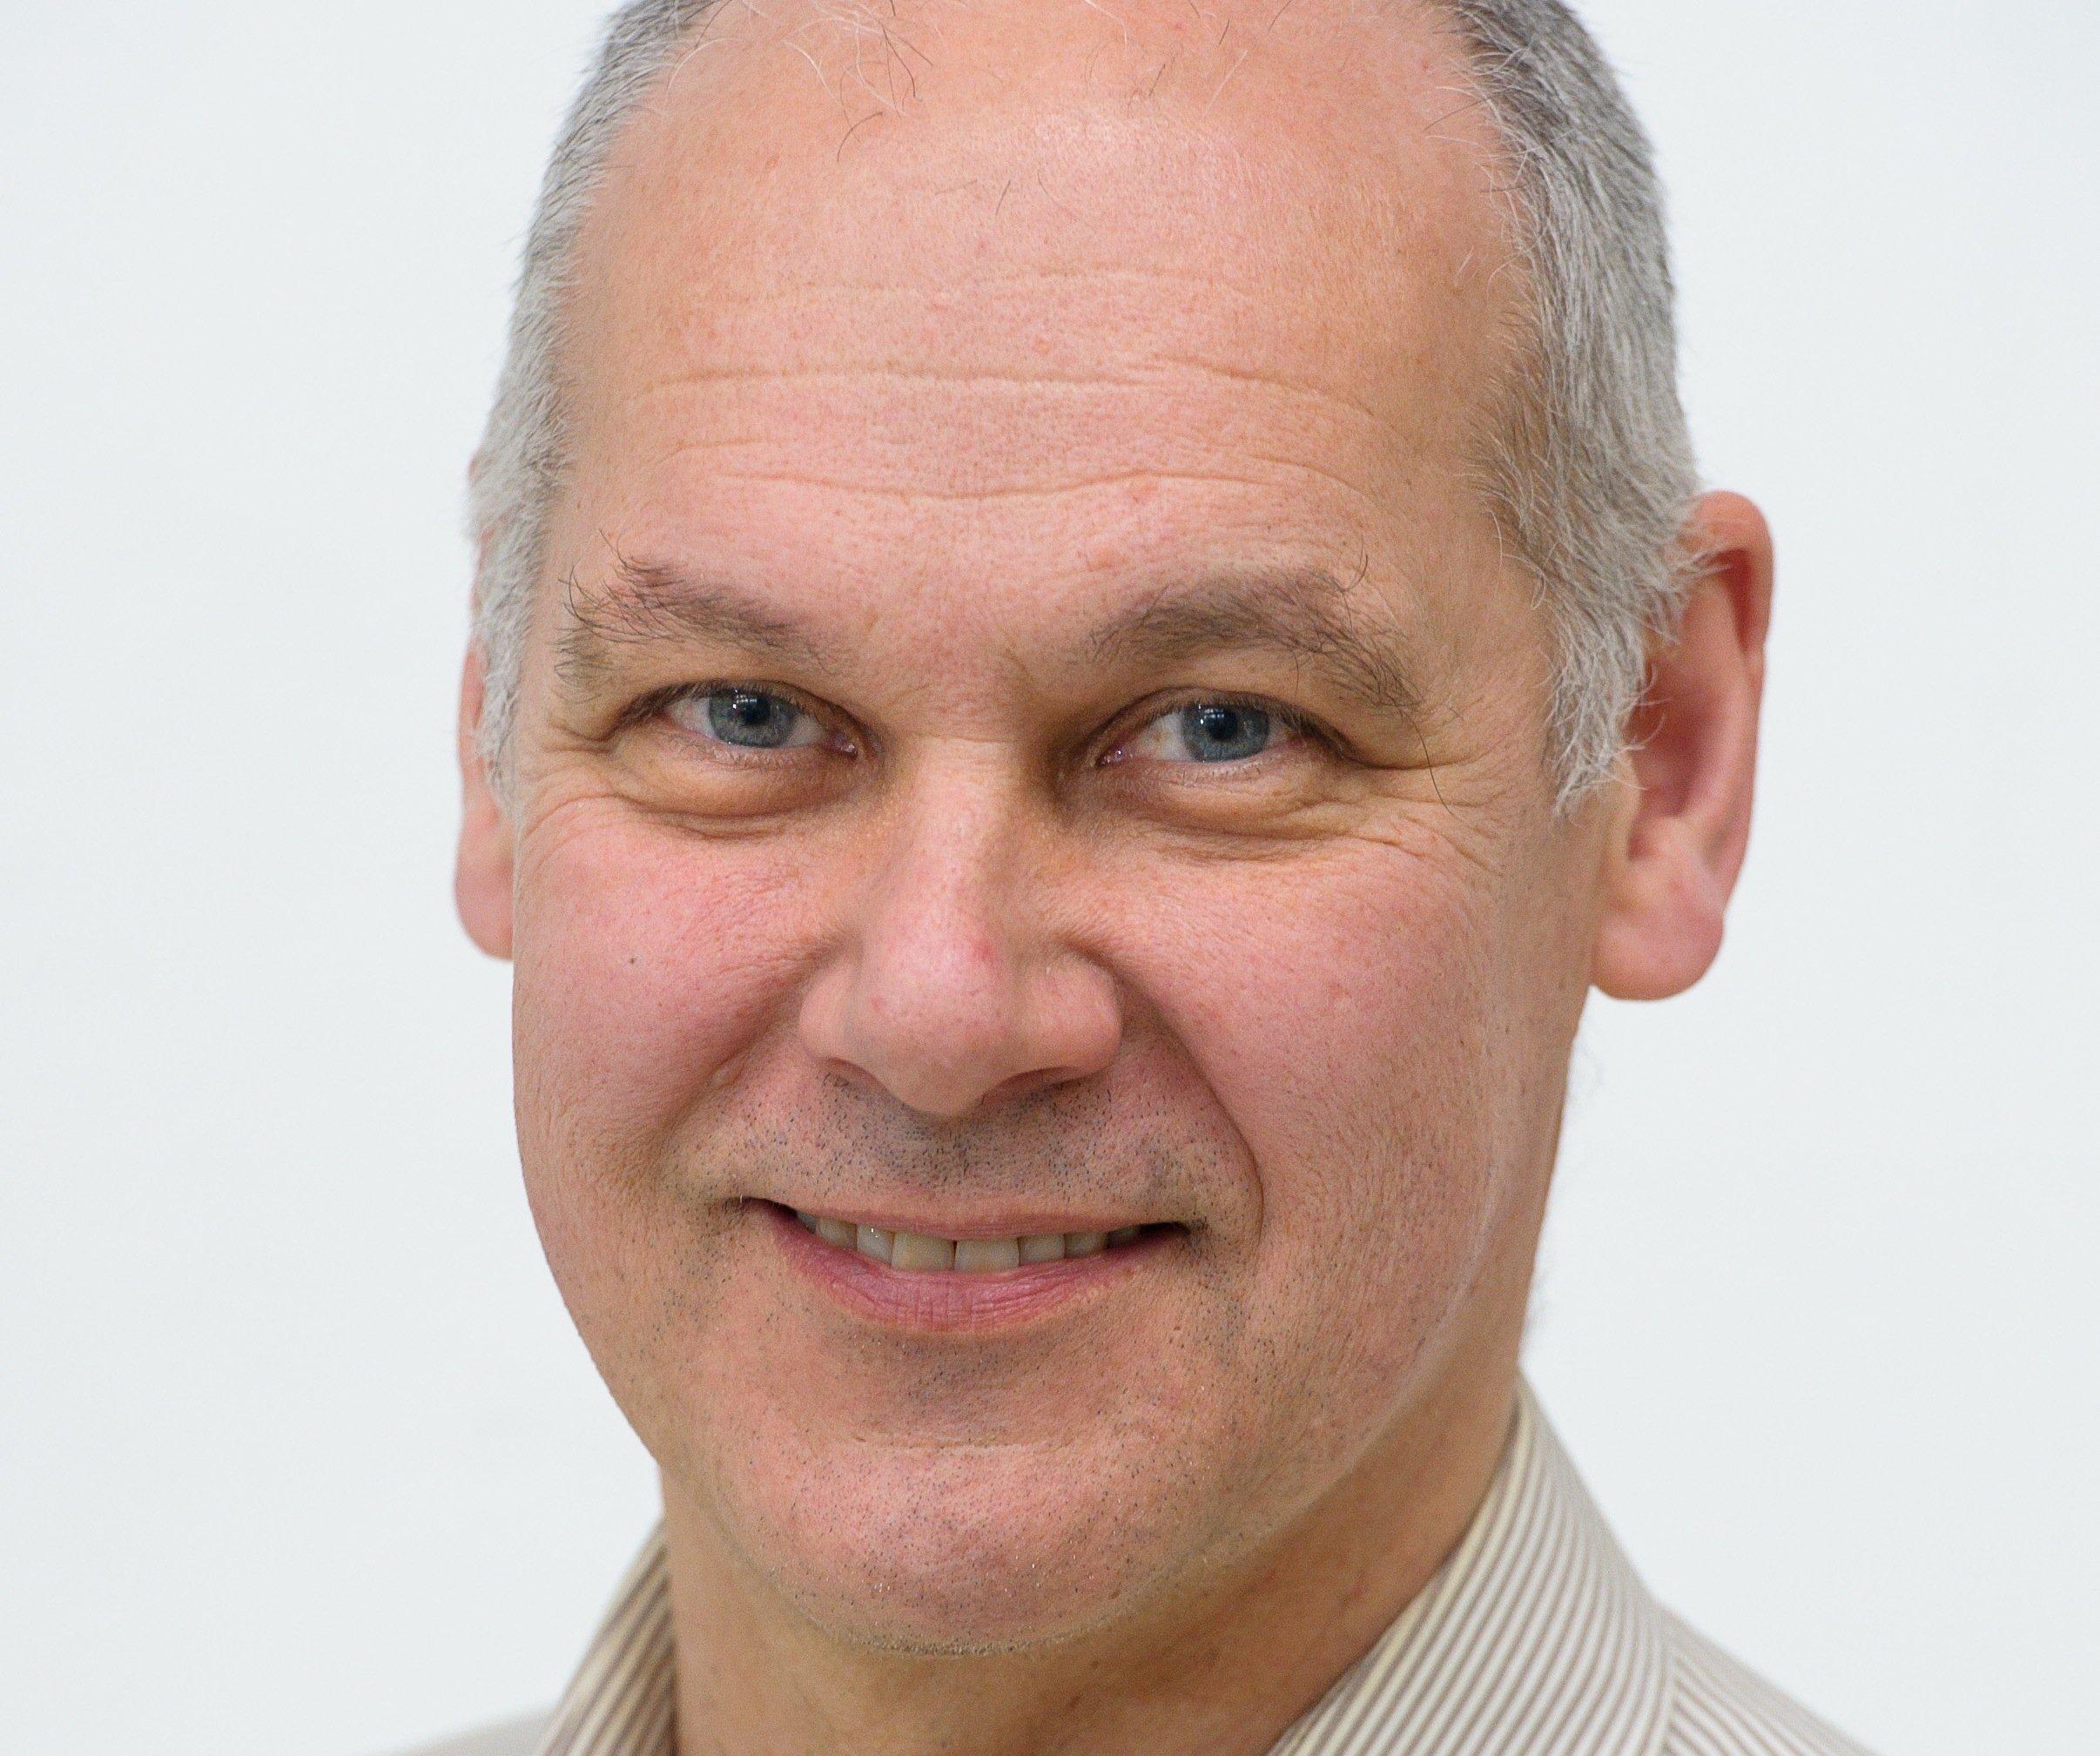 Prof. Stefan Seelecke von der Universität des Saarlandes: Drähte mit Formgedächtnis sind ideal zur Konstruktion einer künstlichen Hand.